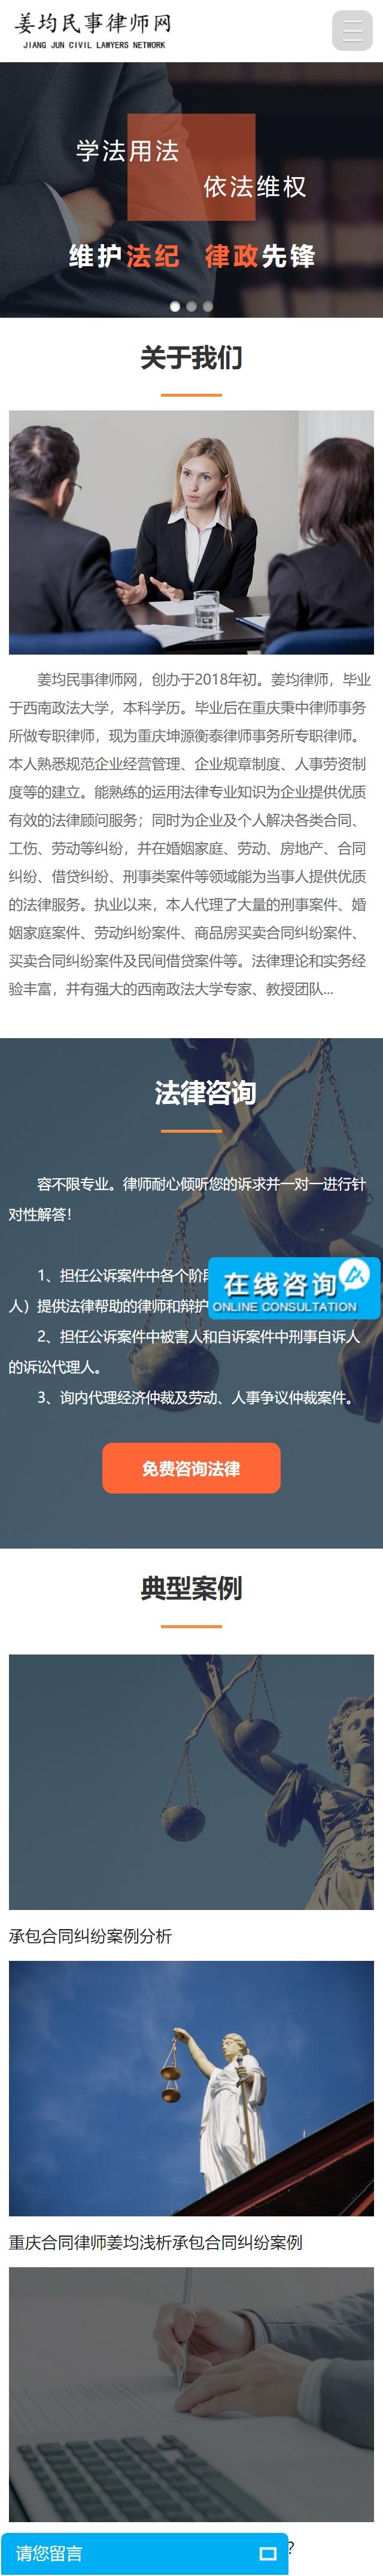 姜均民事律师网手机站